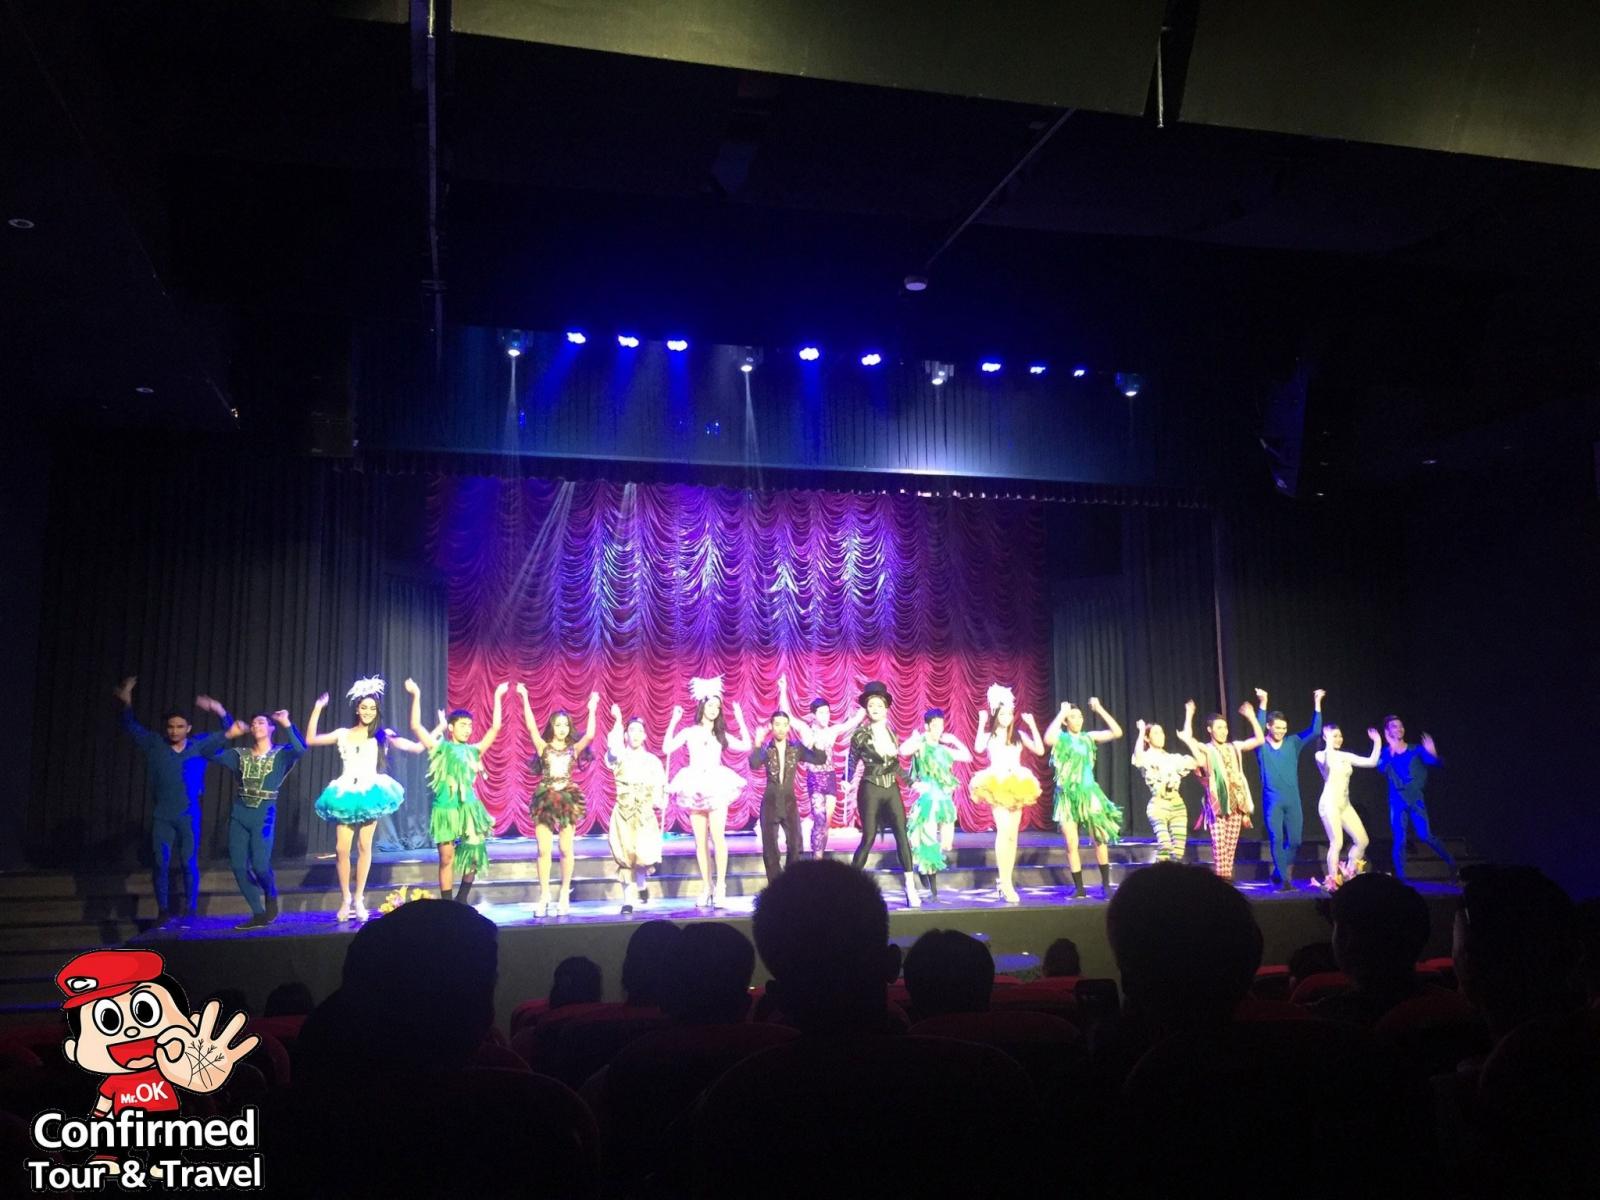 magical cabaret show